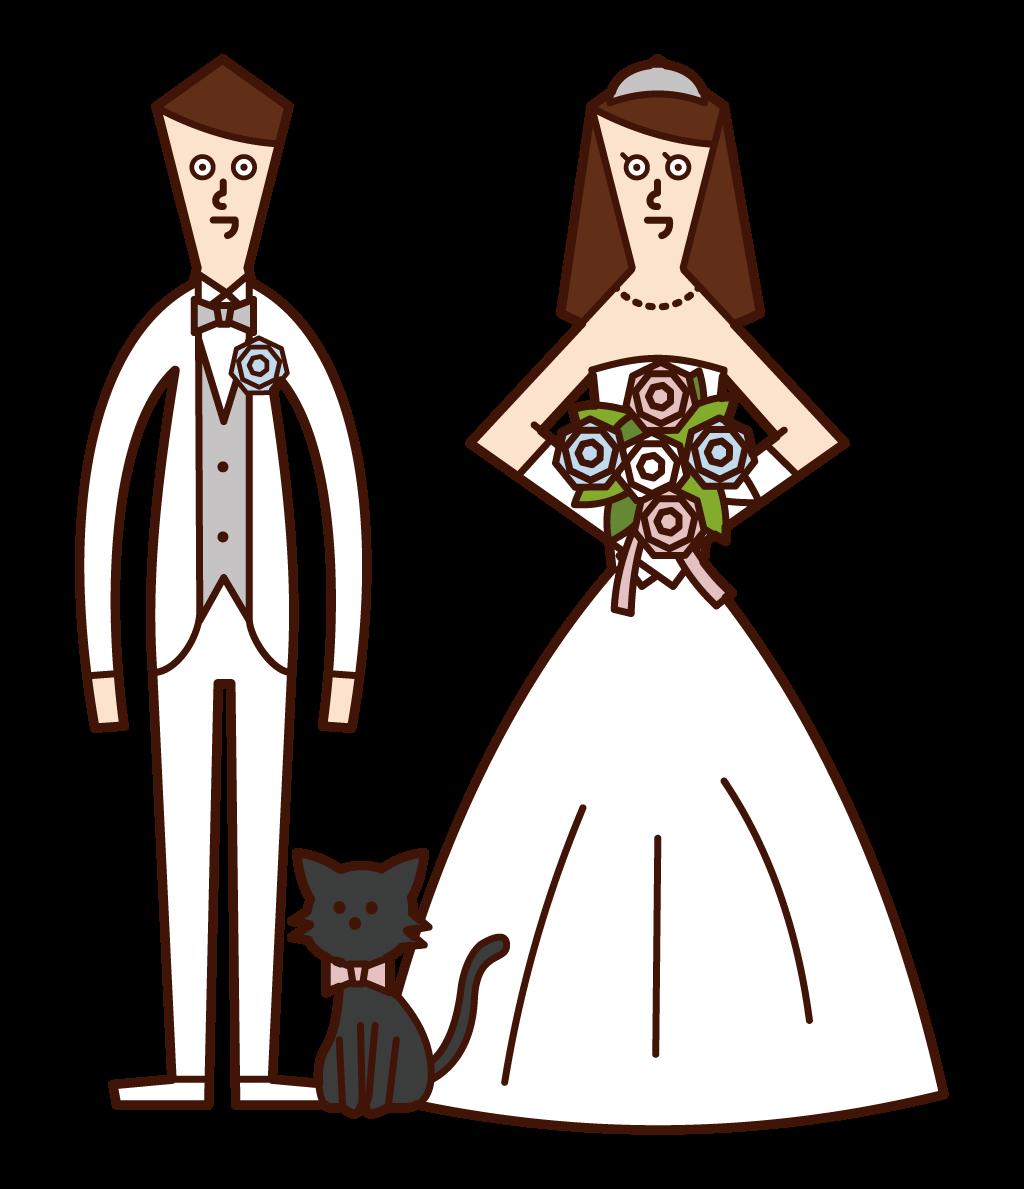 신부와 신랑과 고양이의 그림